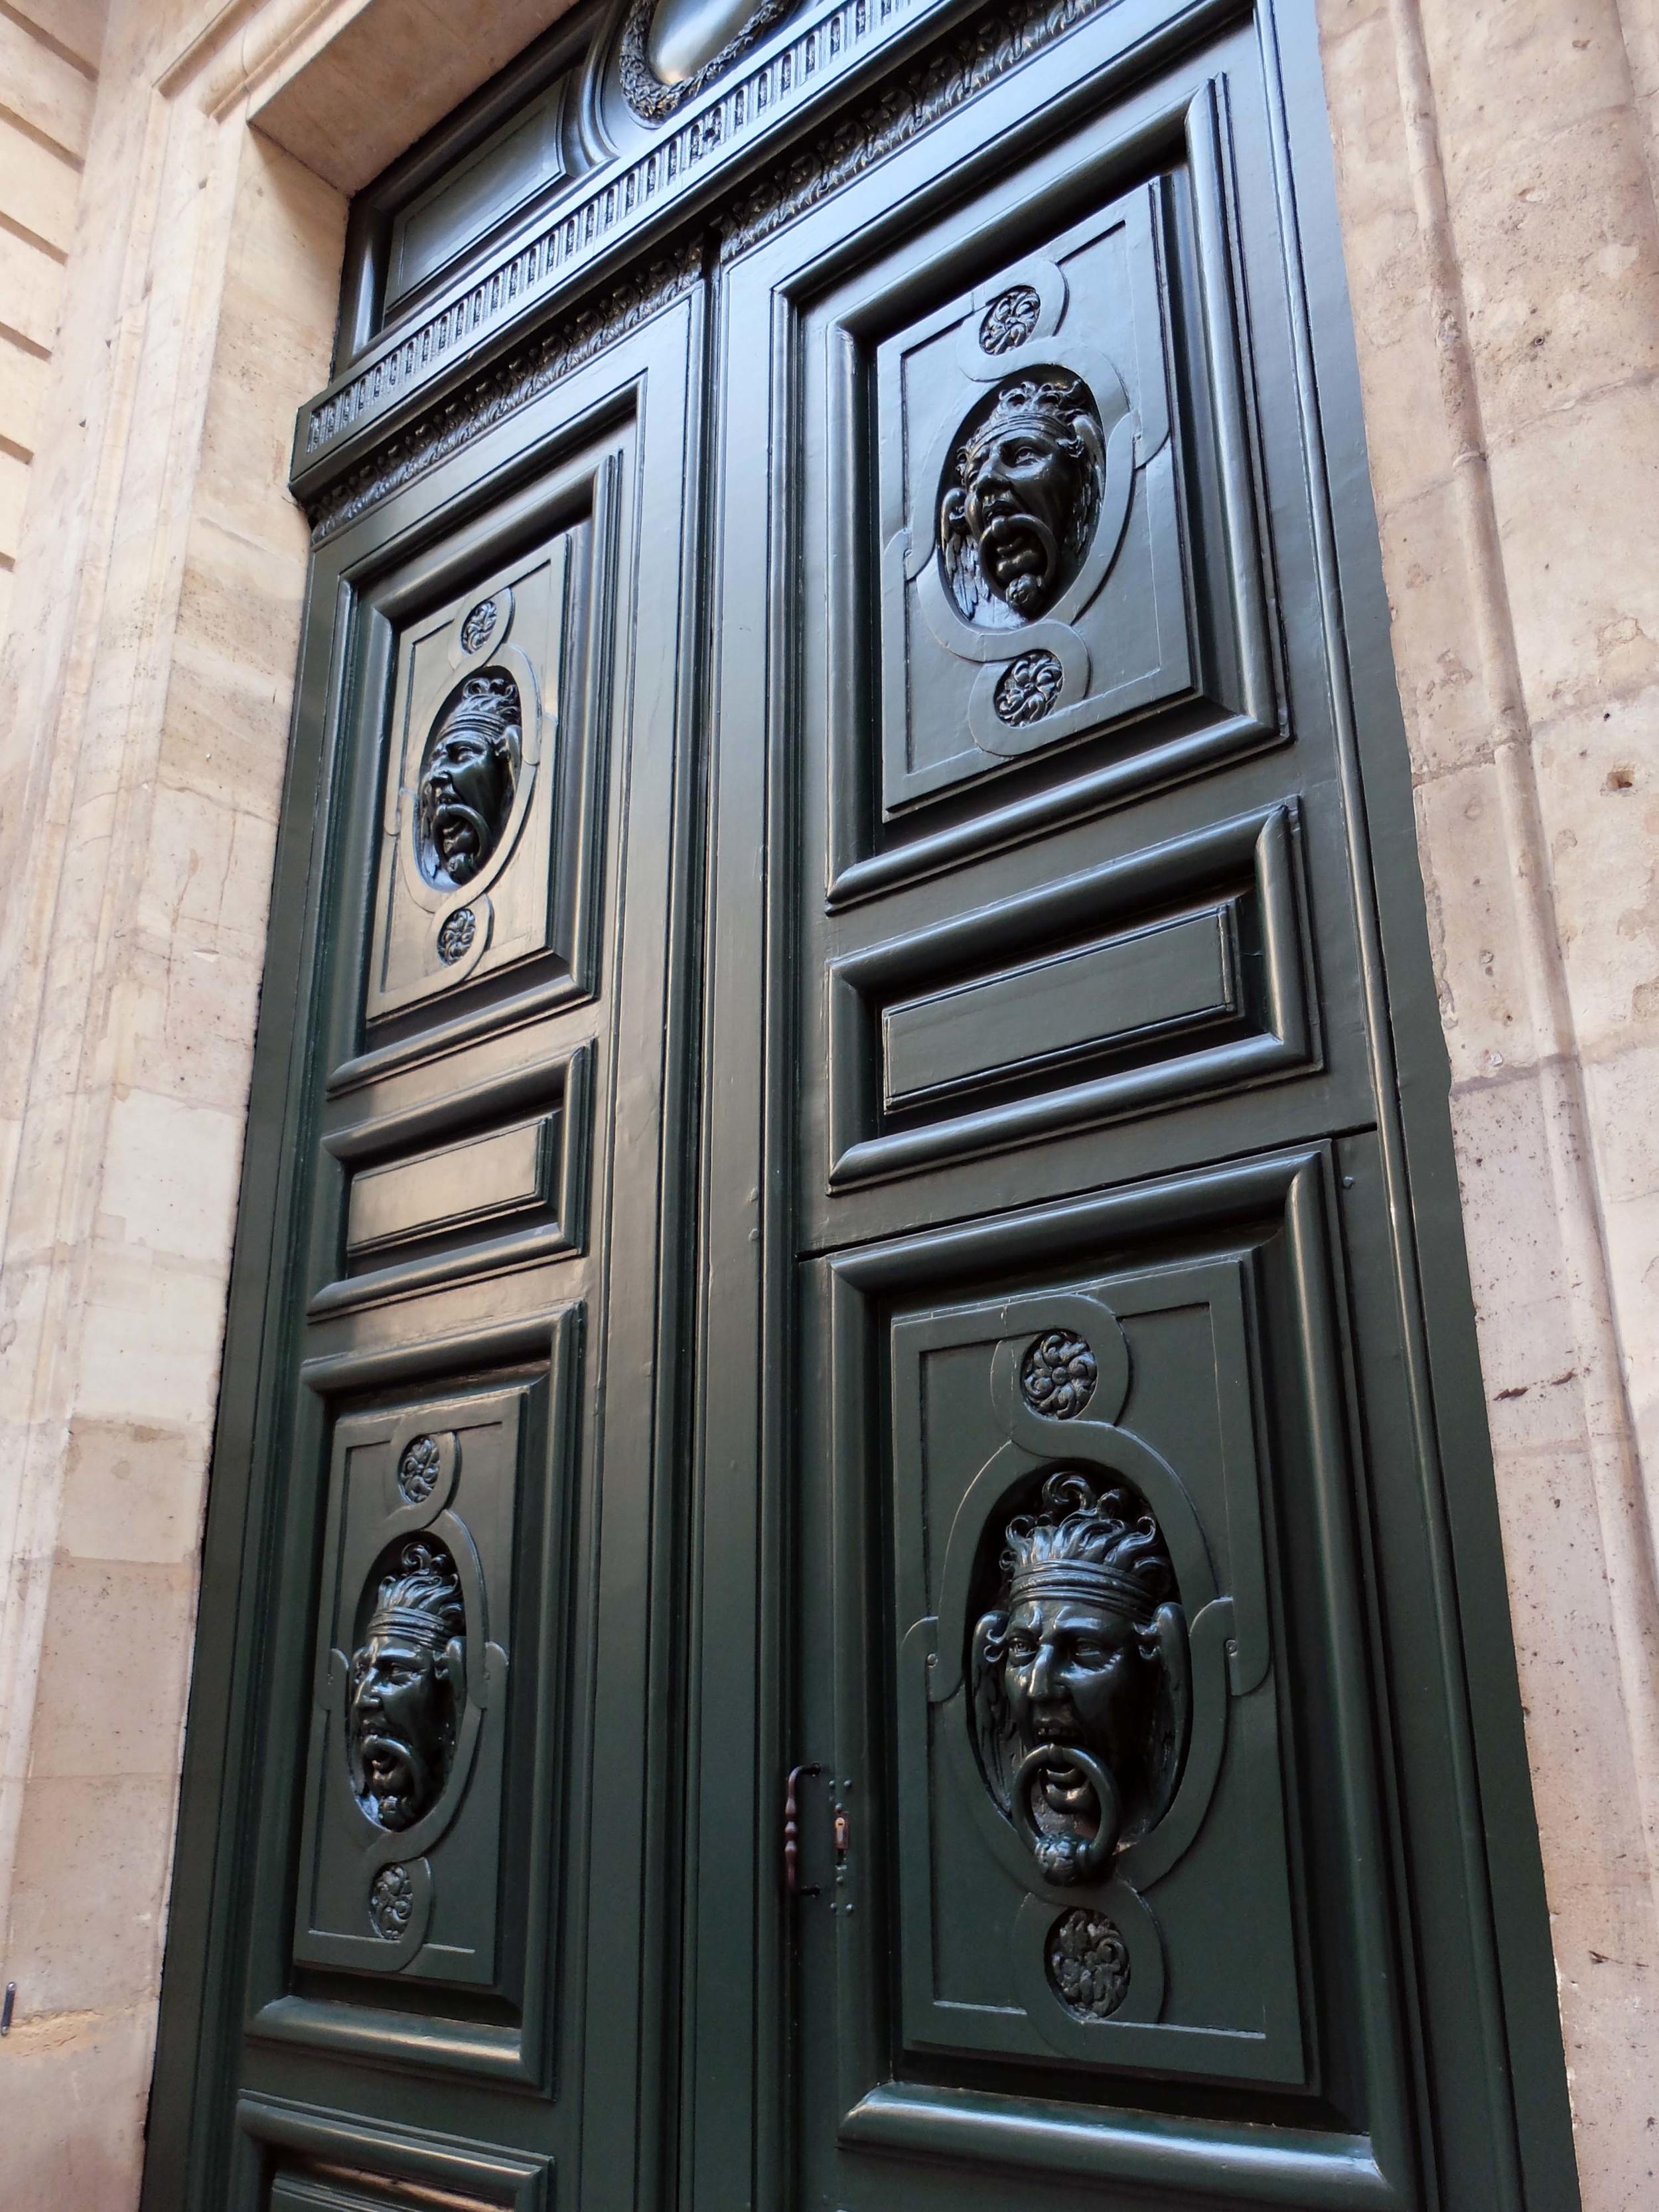 Carved door knocker